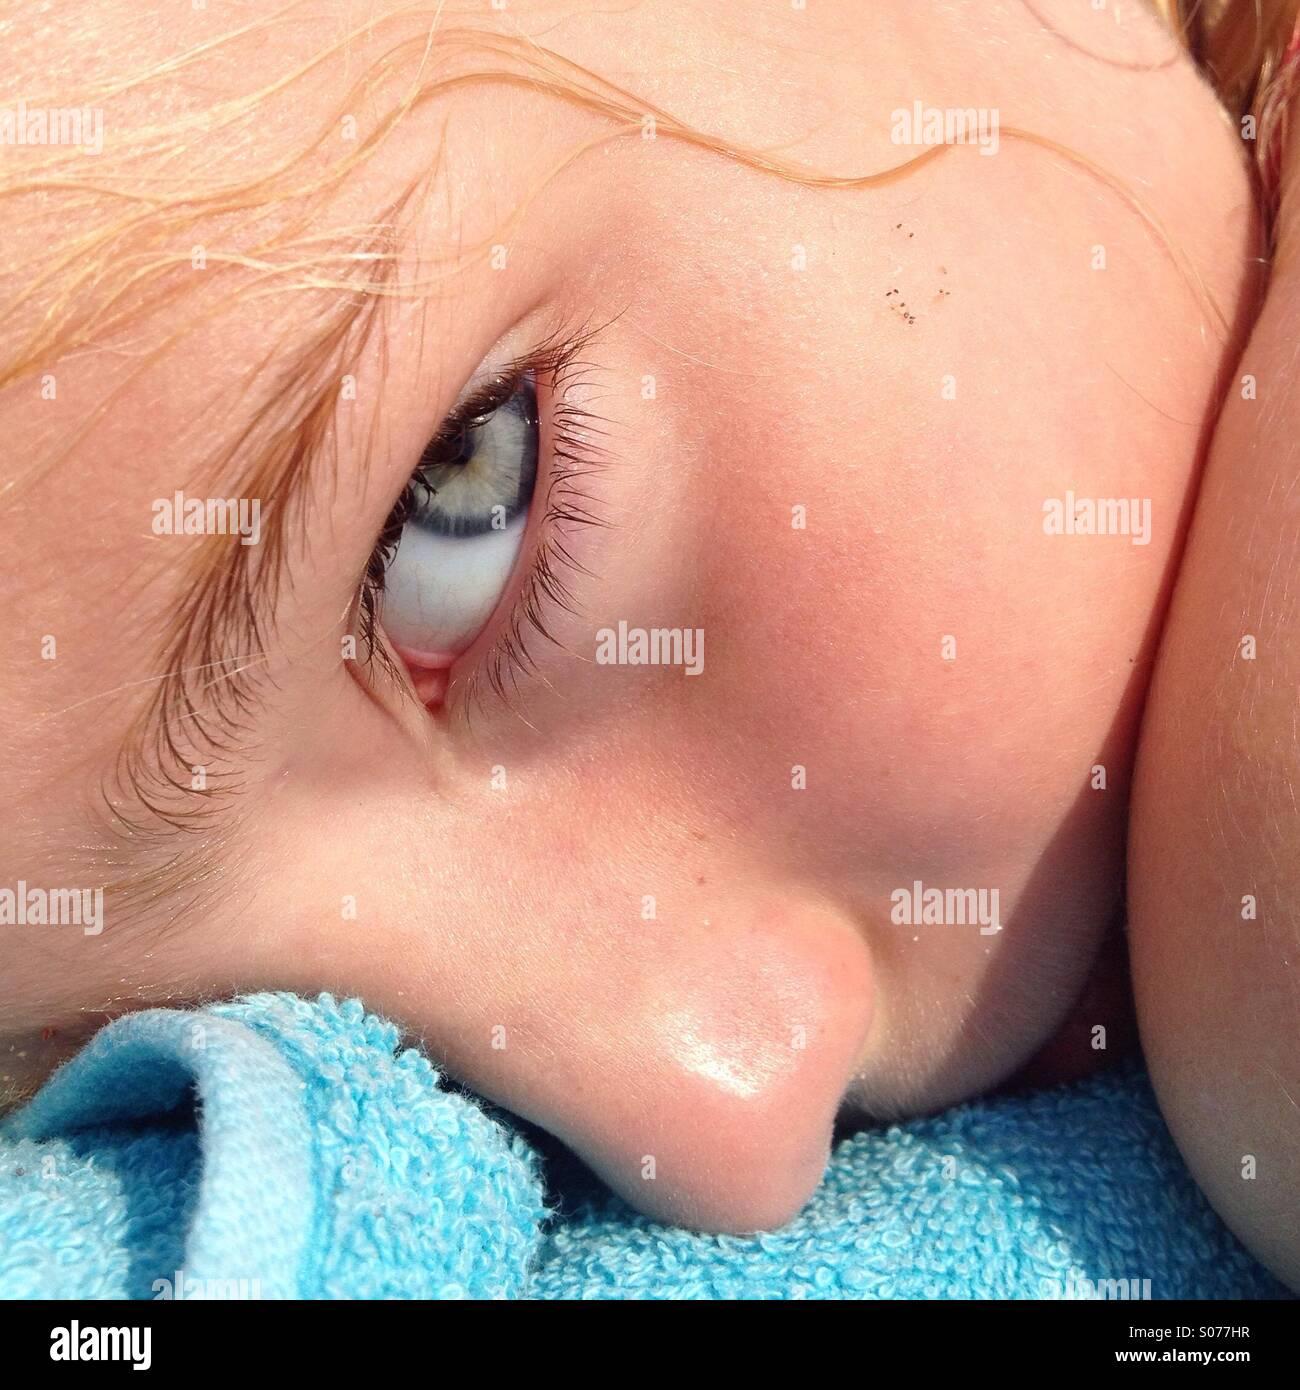 Un gros plan du visage d'une jeune fille se détendre sur une serviette de plage pendant des vacances en famille Banque D'Images